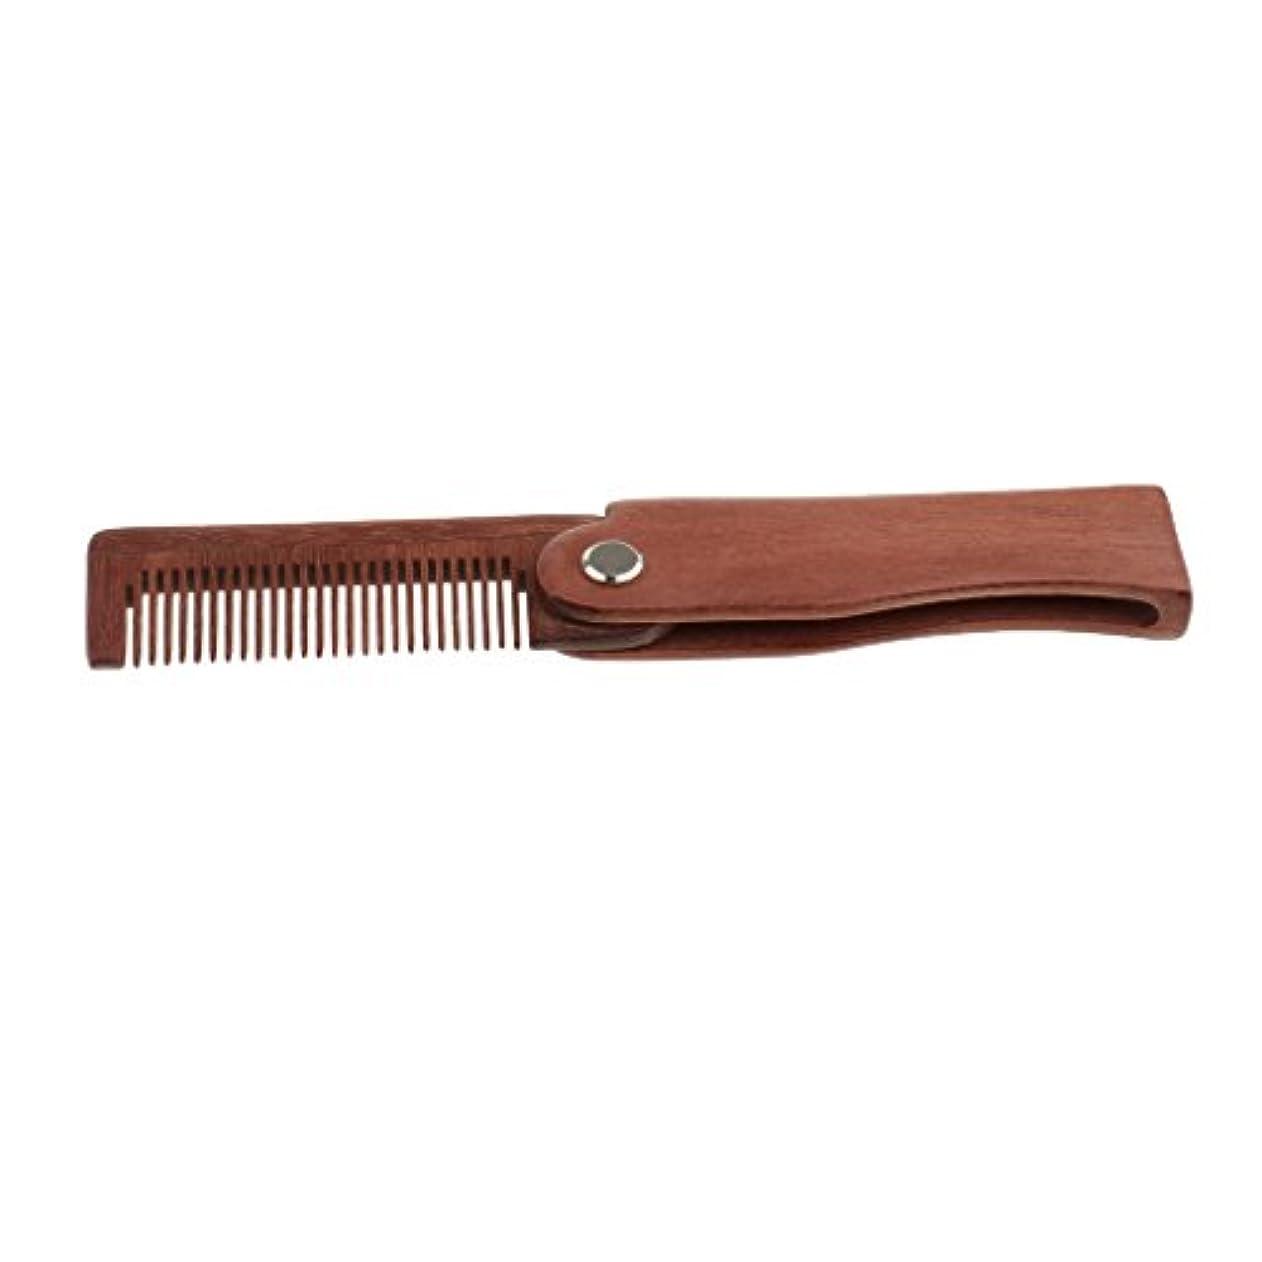 伸ばすさせる他の場所折り畳み 毛ひげの櫛 ブラシ 木製 ひげ剃り櫛 男性 旅行 外出 便利グッズ ポケットサイズ